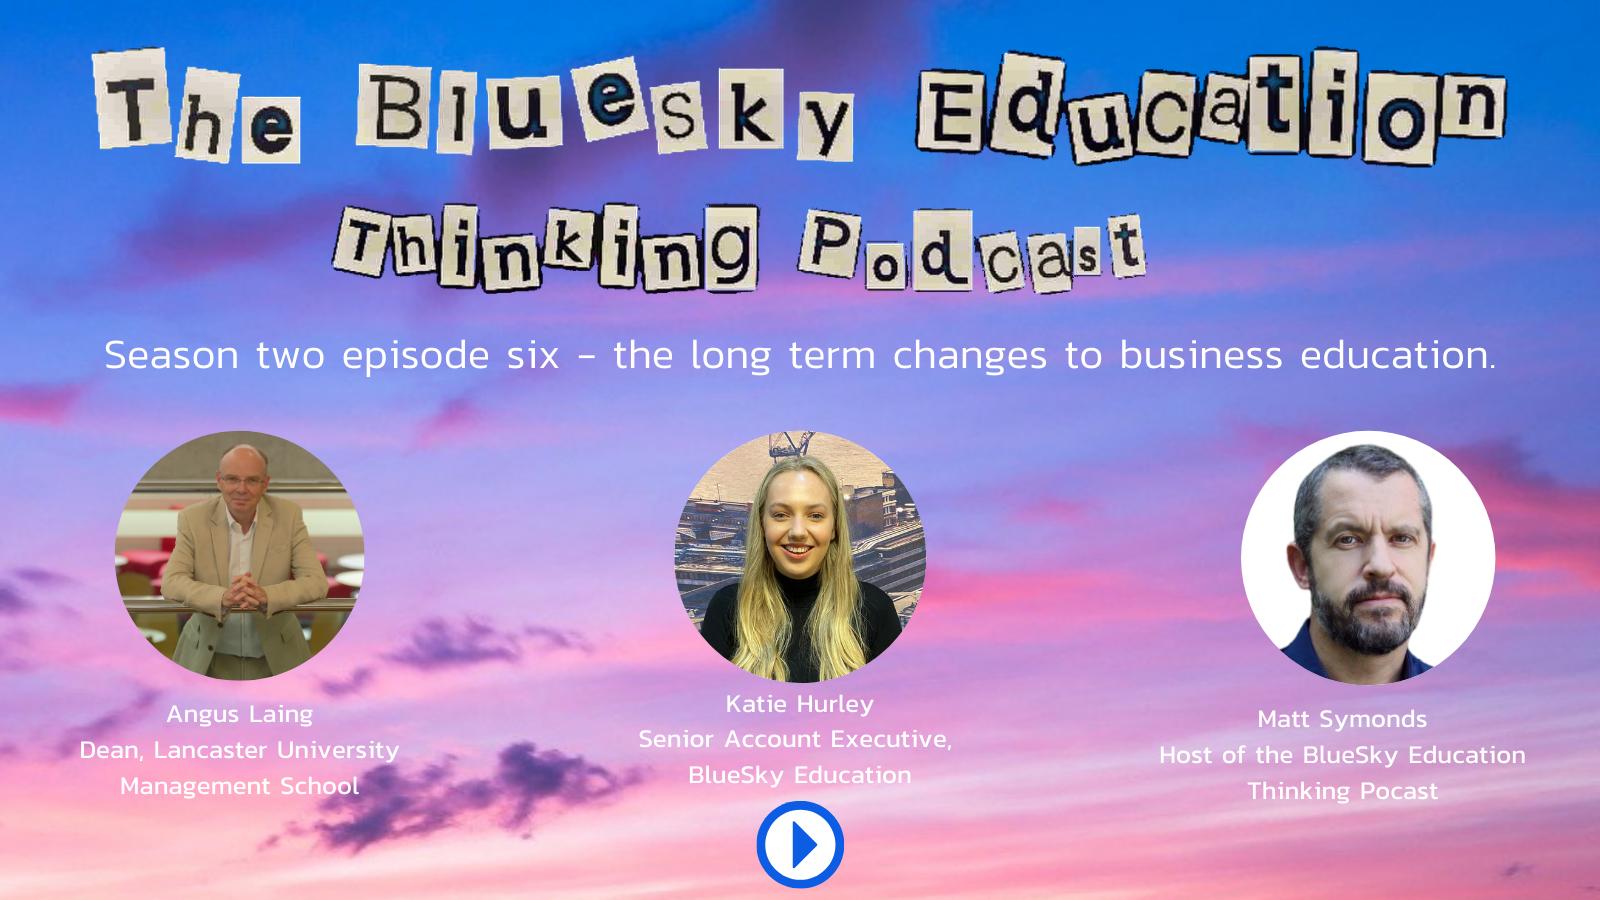 The BlueSky Education Thinking Podcast -  Season 2 Episode 6